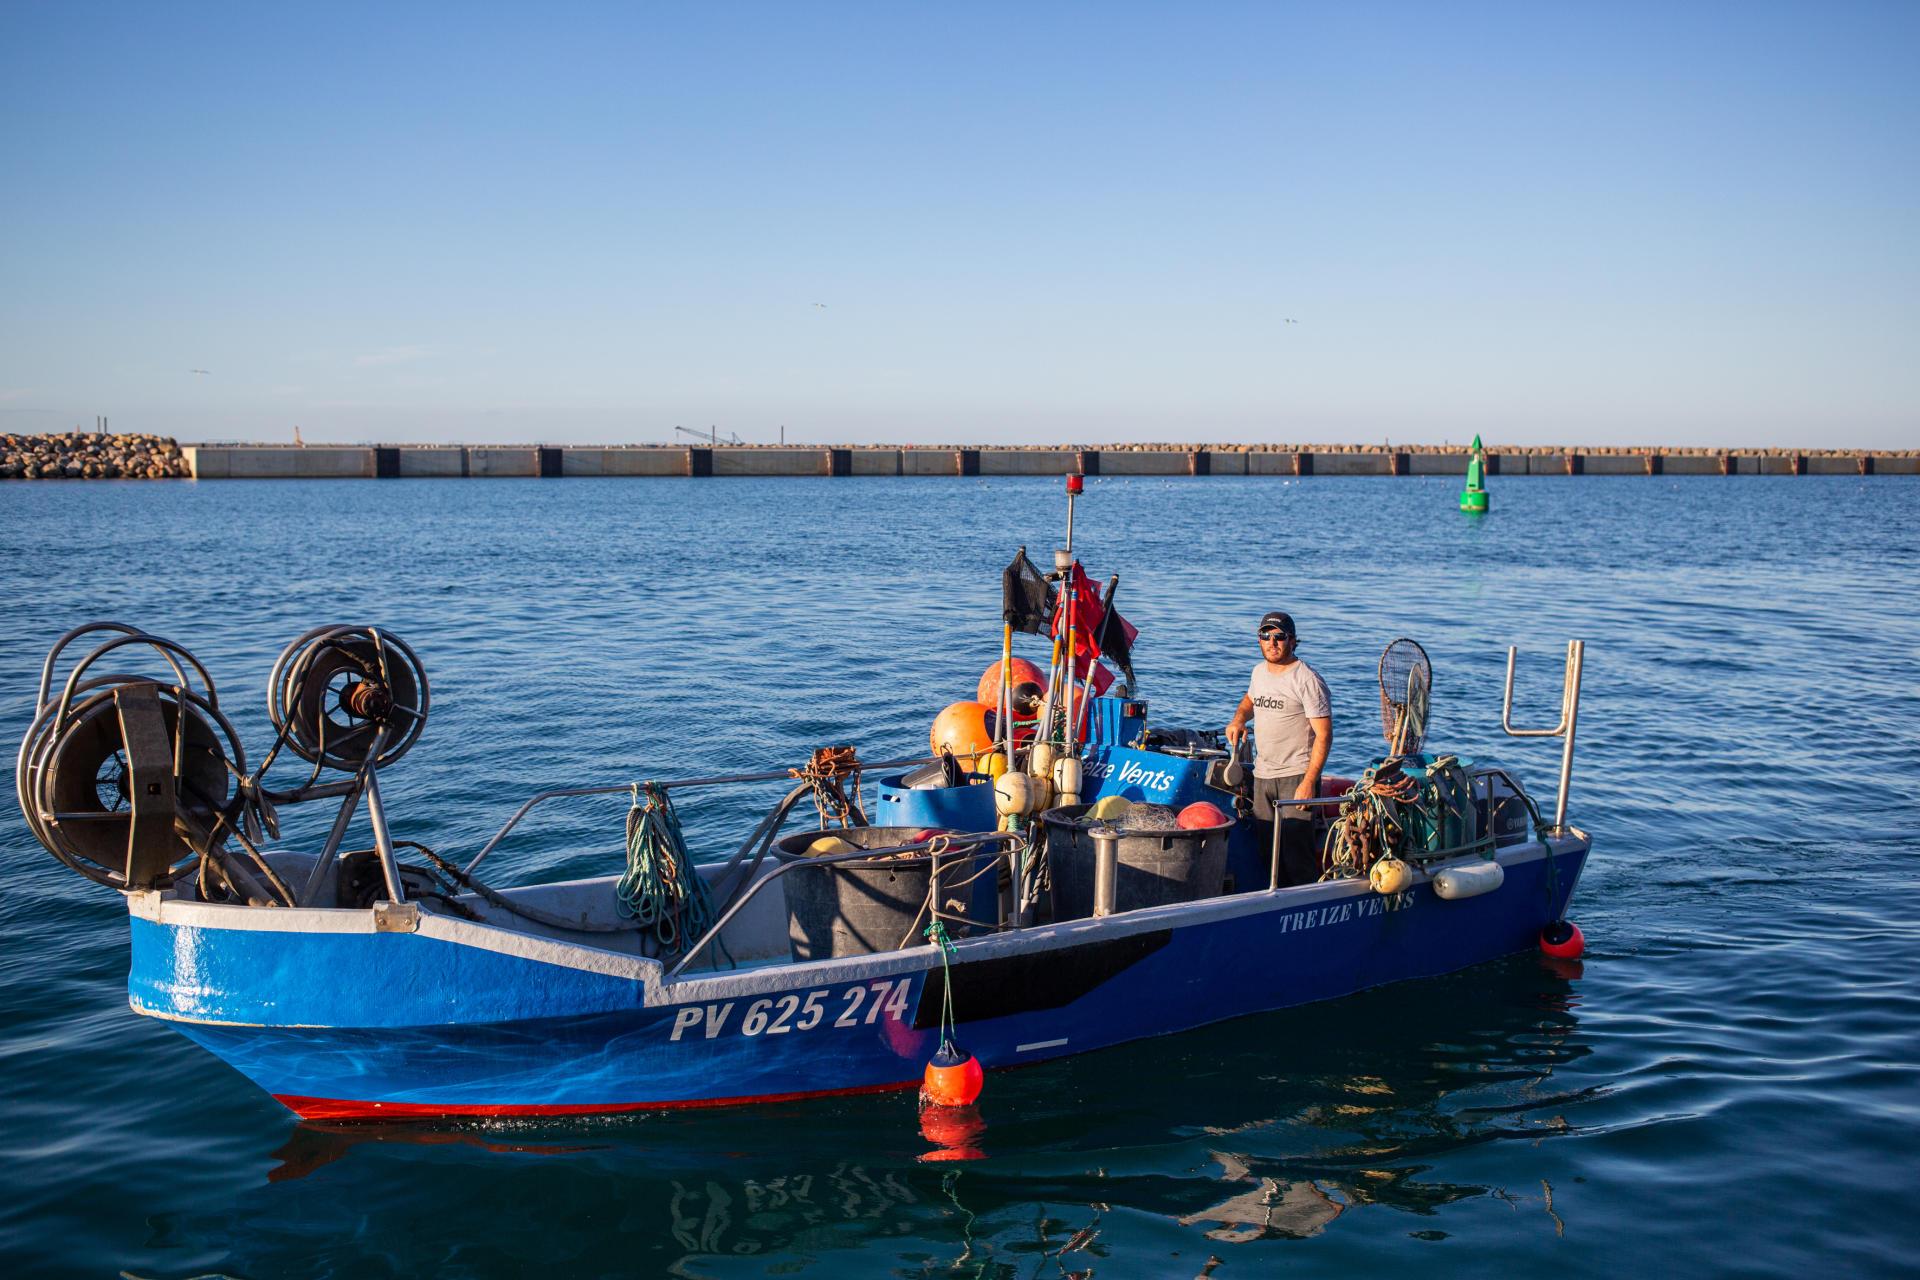 Mathieu, 39 ans, l'un des neuf pêcheurs indépendants de Port-la-Nouvelle,se dit inquiet et stressé par la fermeture de l'actuelle entrée du port et la longueur de la nouvelle route qu'il devra emprunter pour sortir en mer. A Port-la-Nouvelle (Aude), le 9juillet 2021.